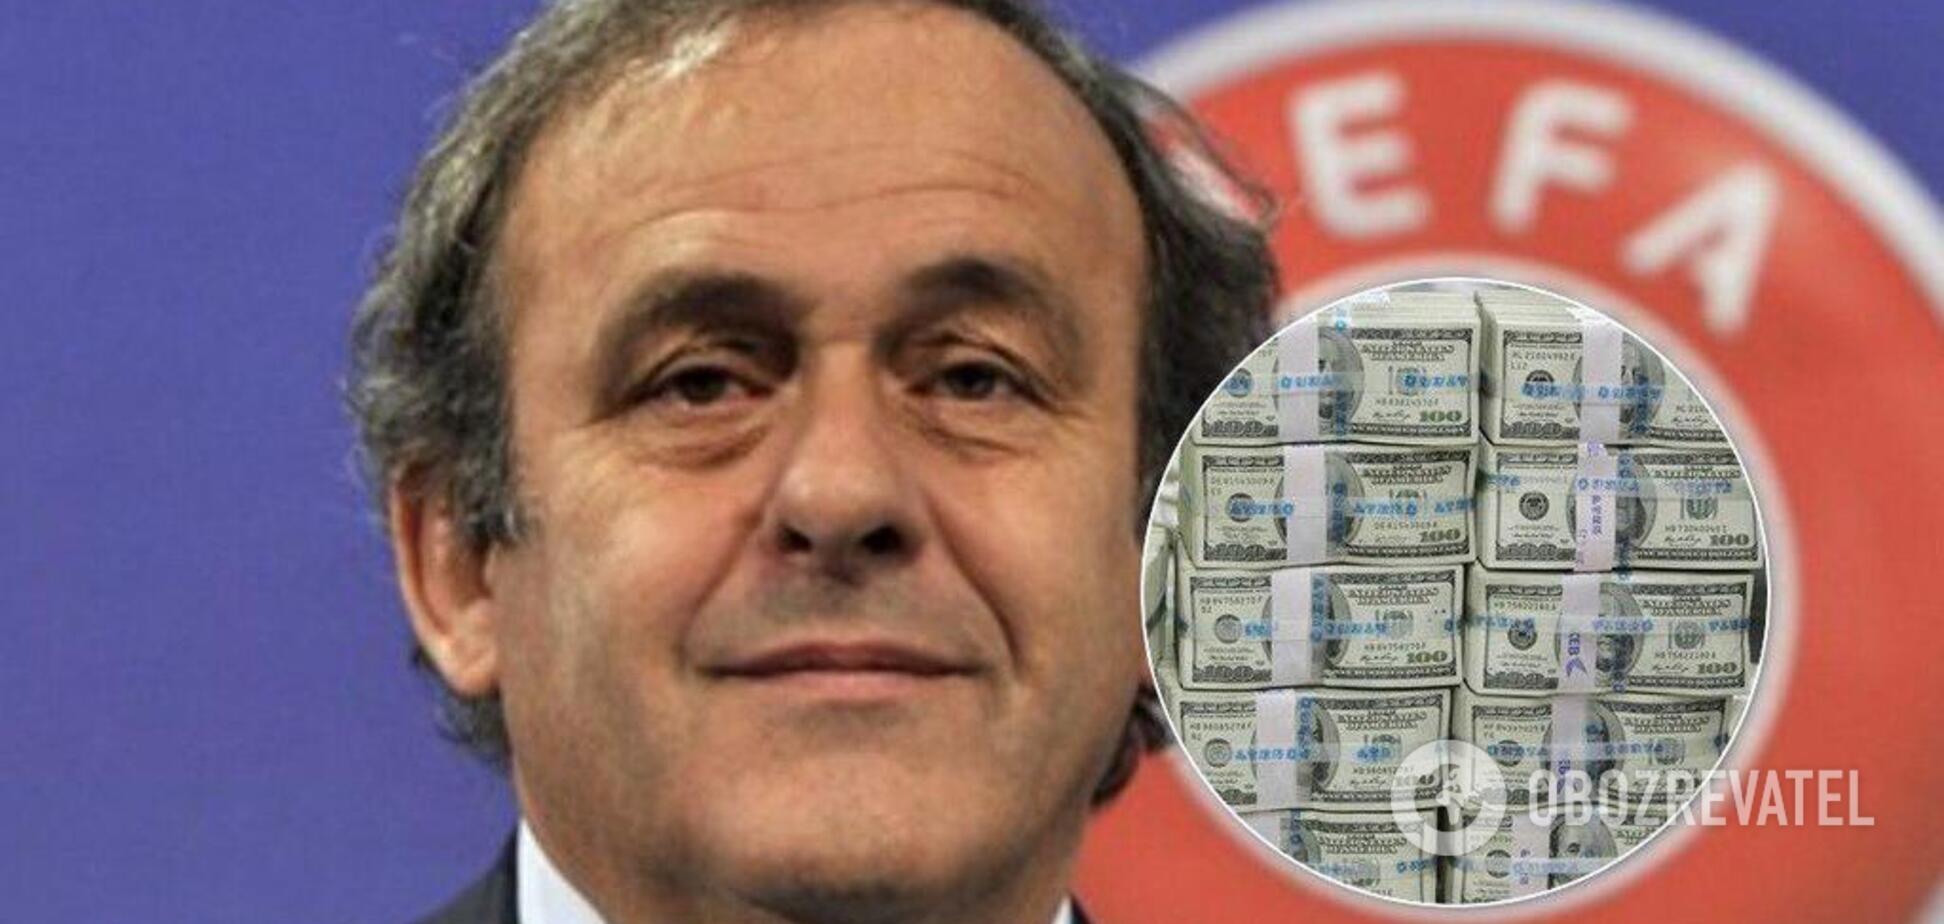 Экс-президента УЕФА Платини арестовали: первые детали и реакция России